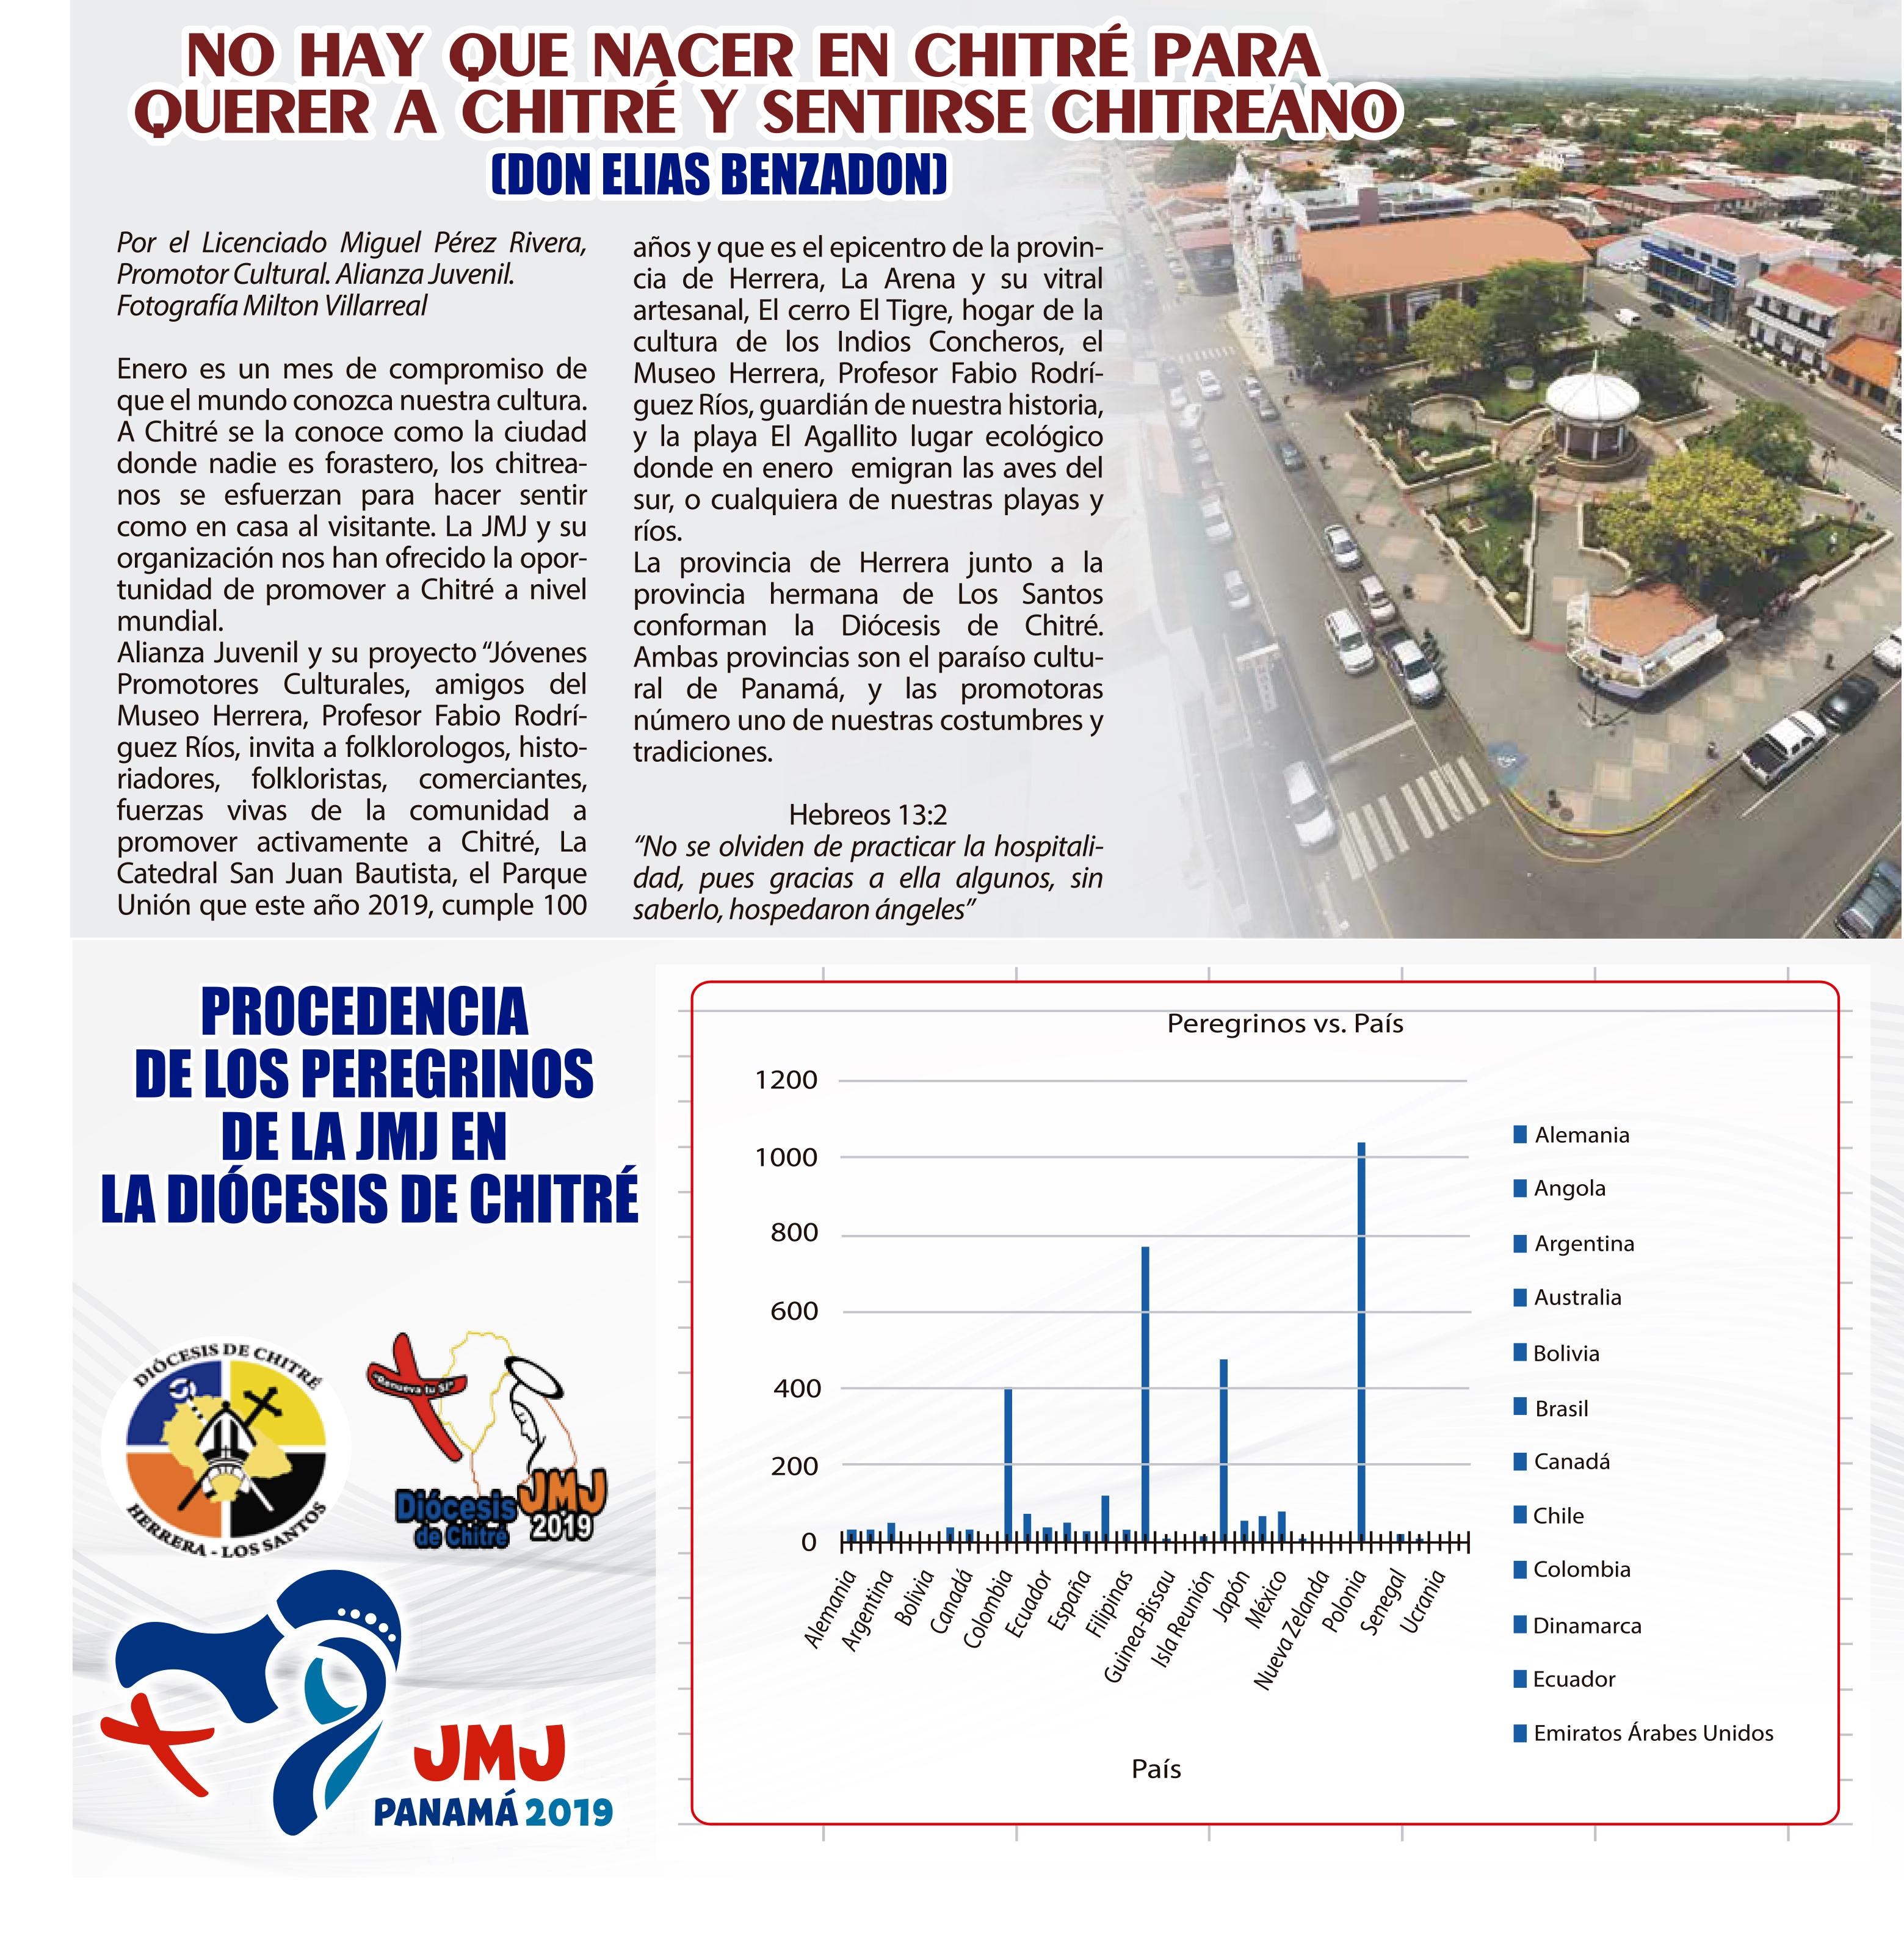 PROCEDENCIA DE LOS PEREGRINOS EN CHITRE